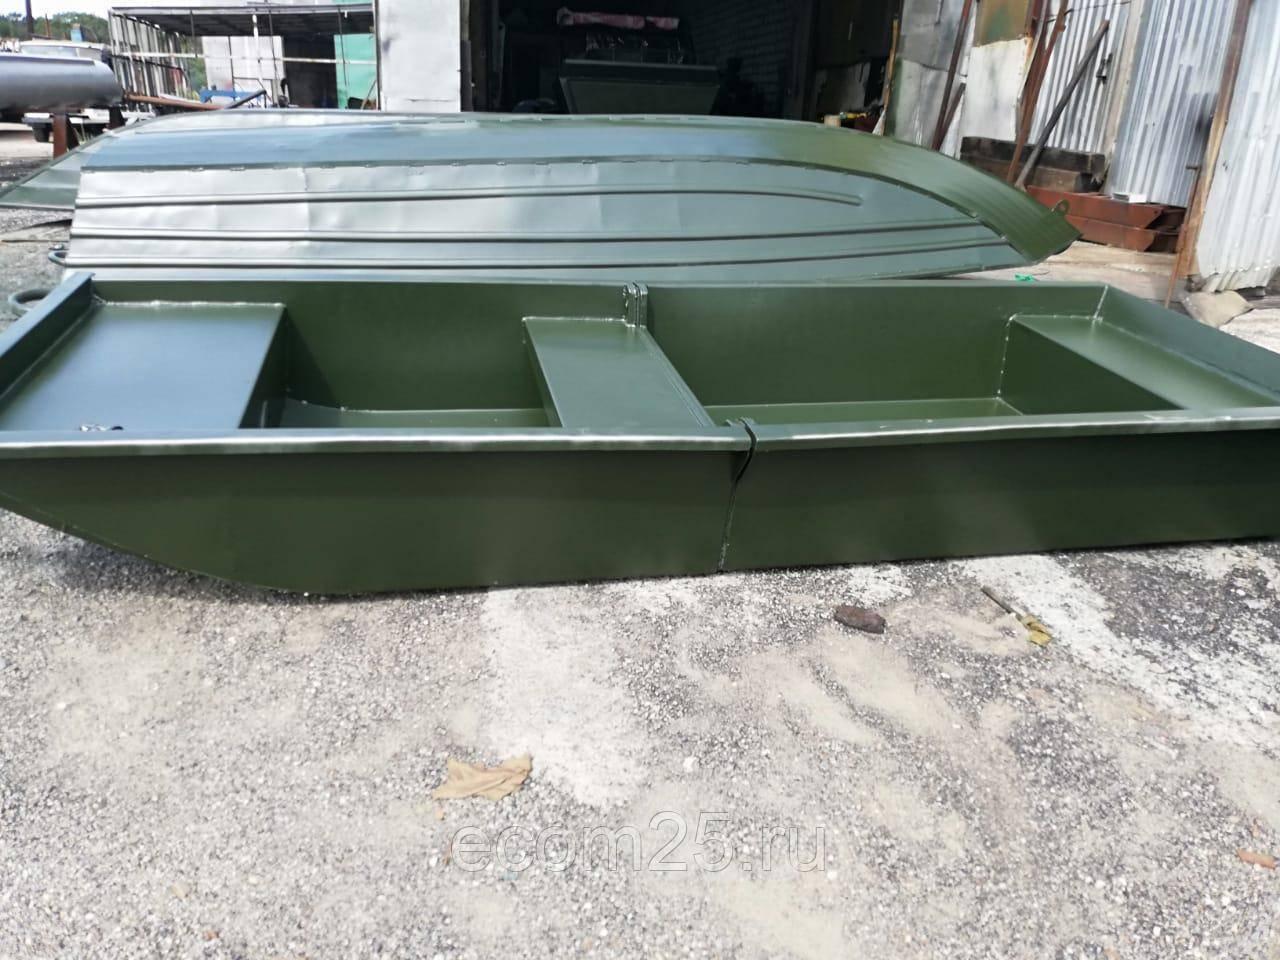 Пластиковые лодки под мотор 5 л.с и 10 л.с. - обзор моделей и цены